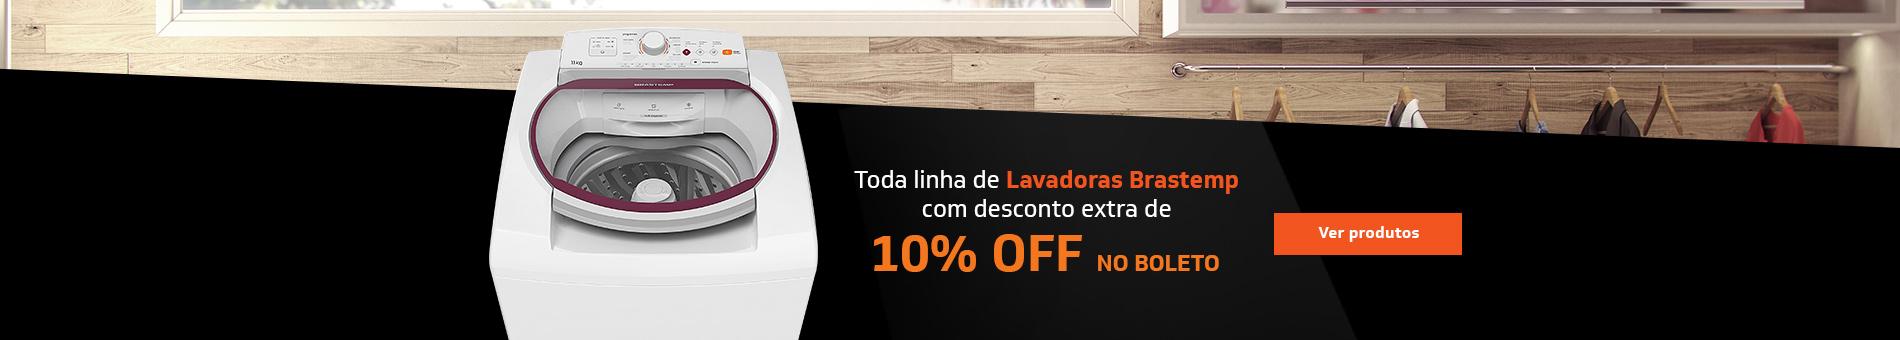 Promoção Interna - 889 - festivaldeofertas_lavadoras_home4_23092016 - lavadoras - 4